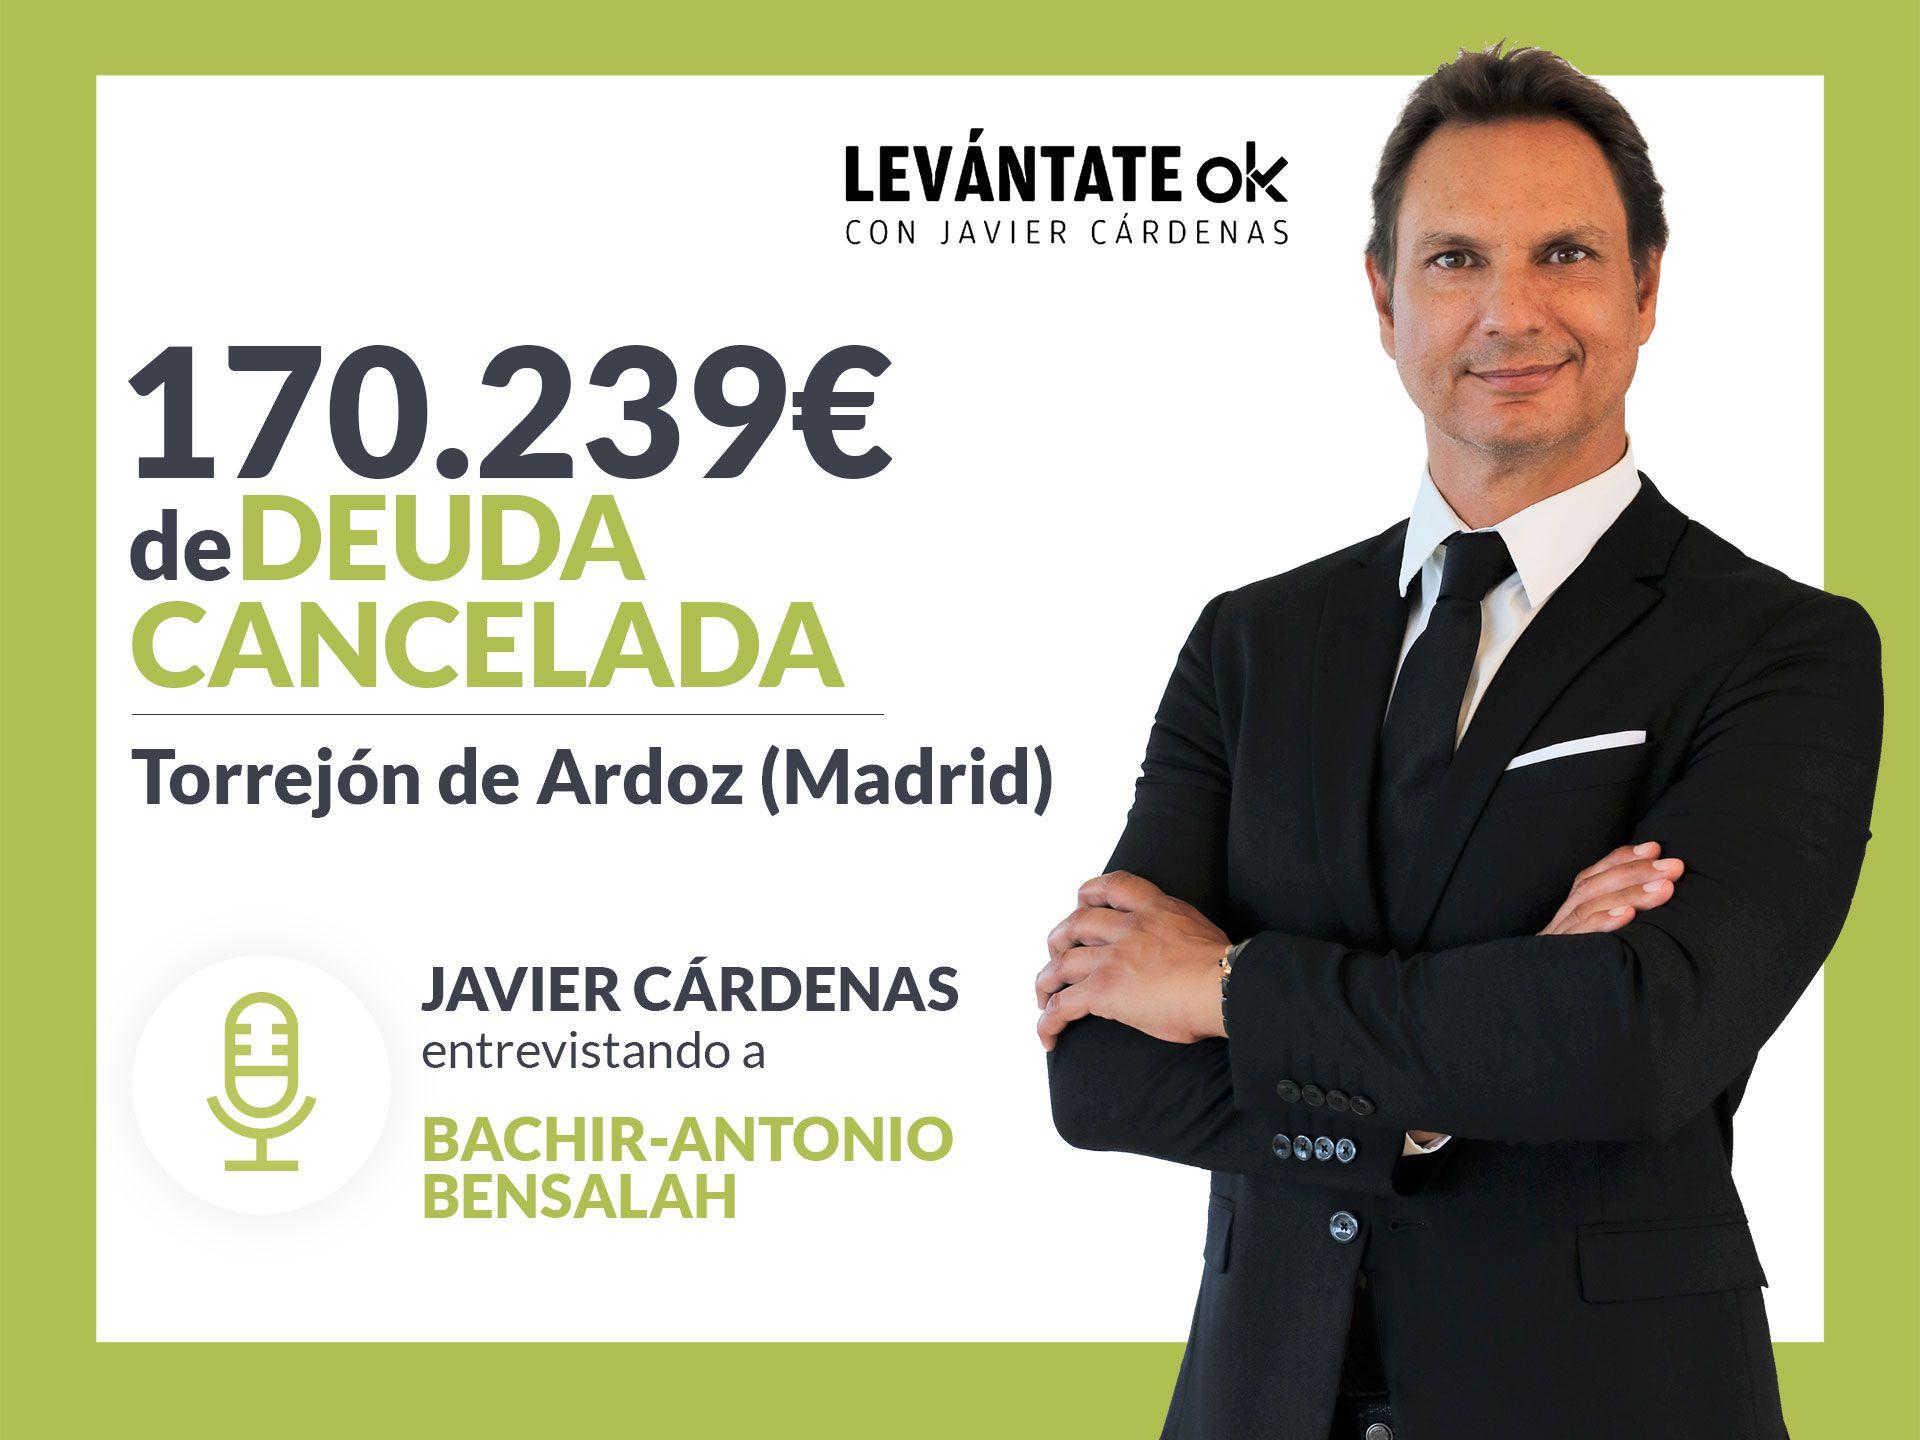 Javier Cárdenas entrevista a un cliente de Repara tu Deuda, líderes en la Ley de la Segunda Oportunidad